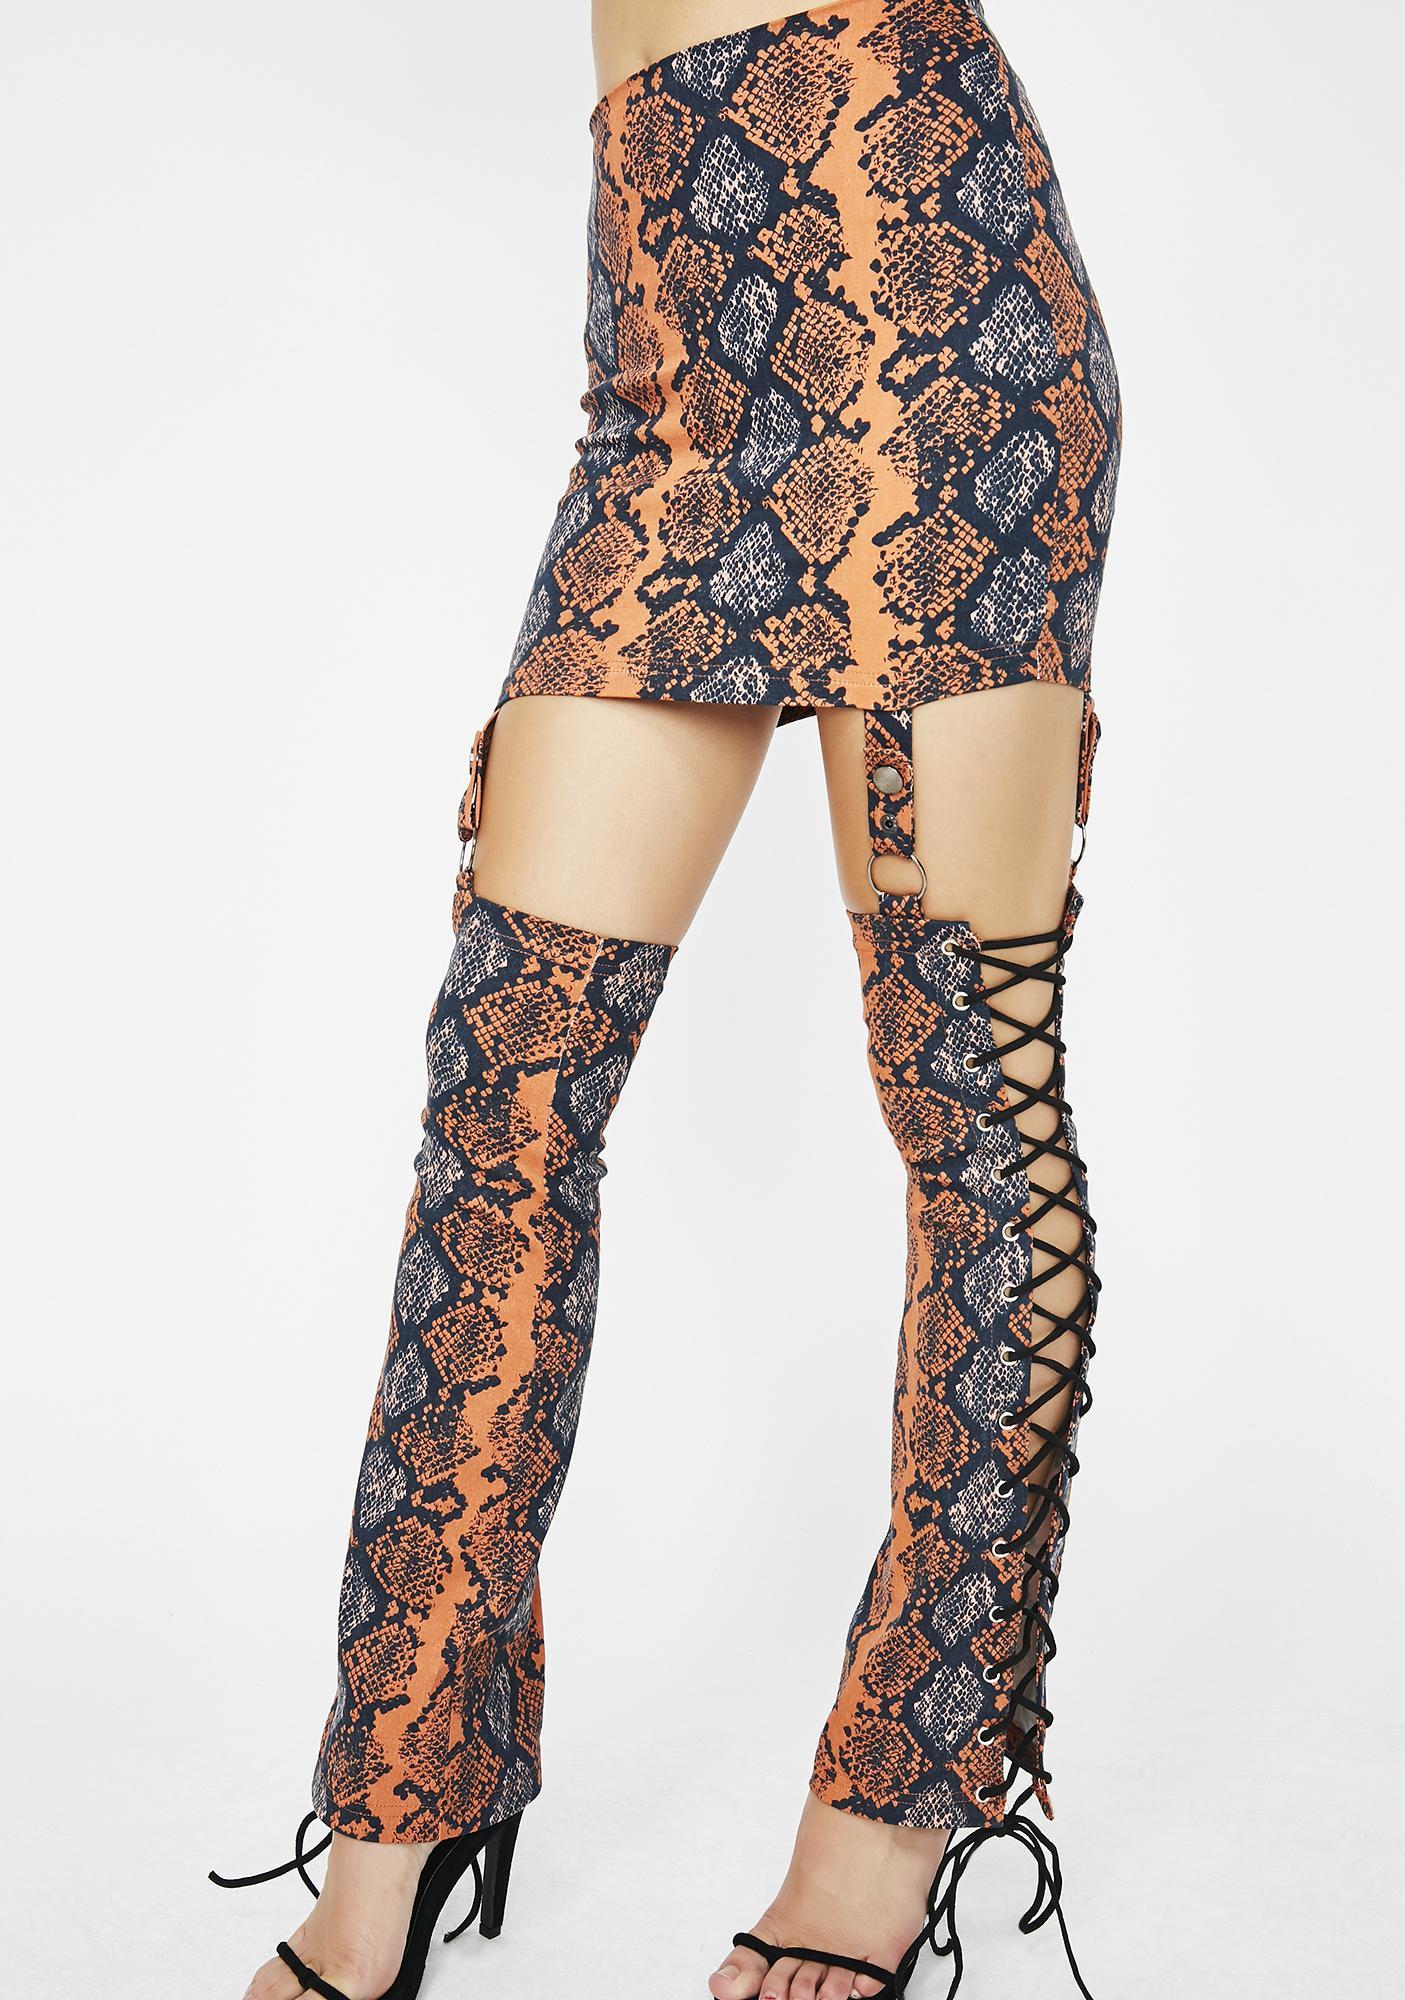 Snake Bite Skirt Chaps